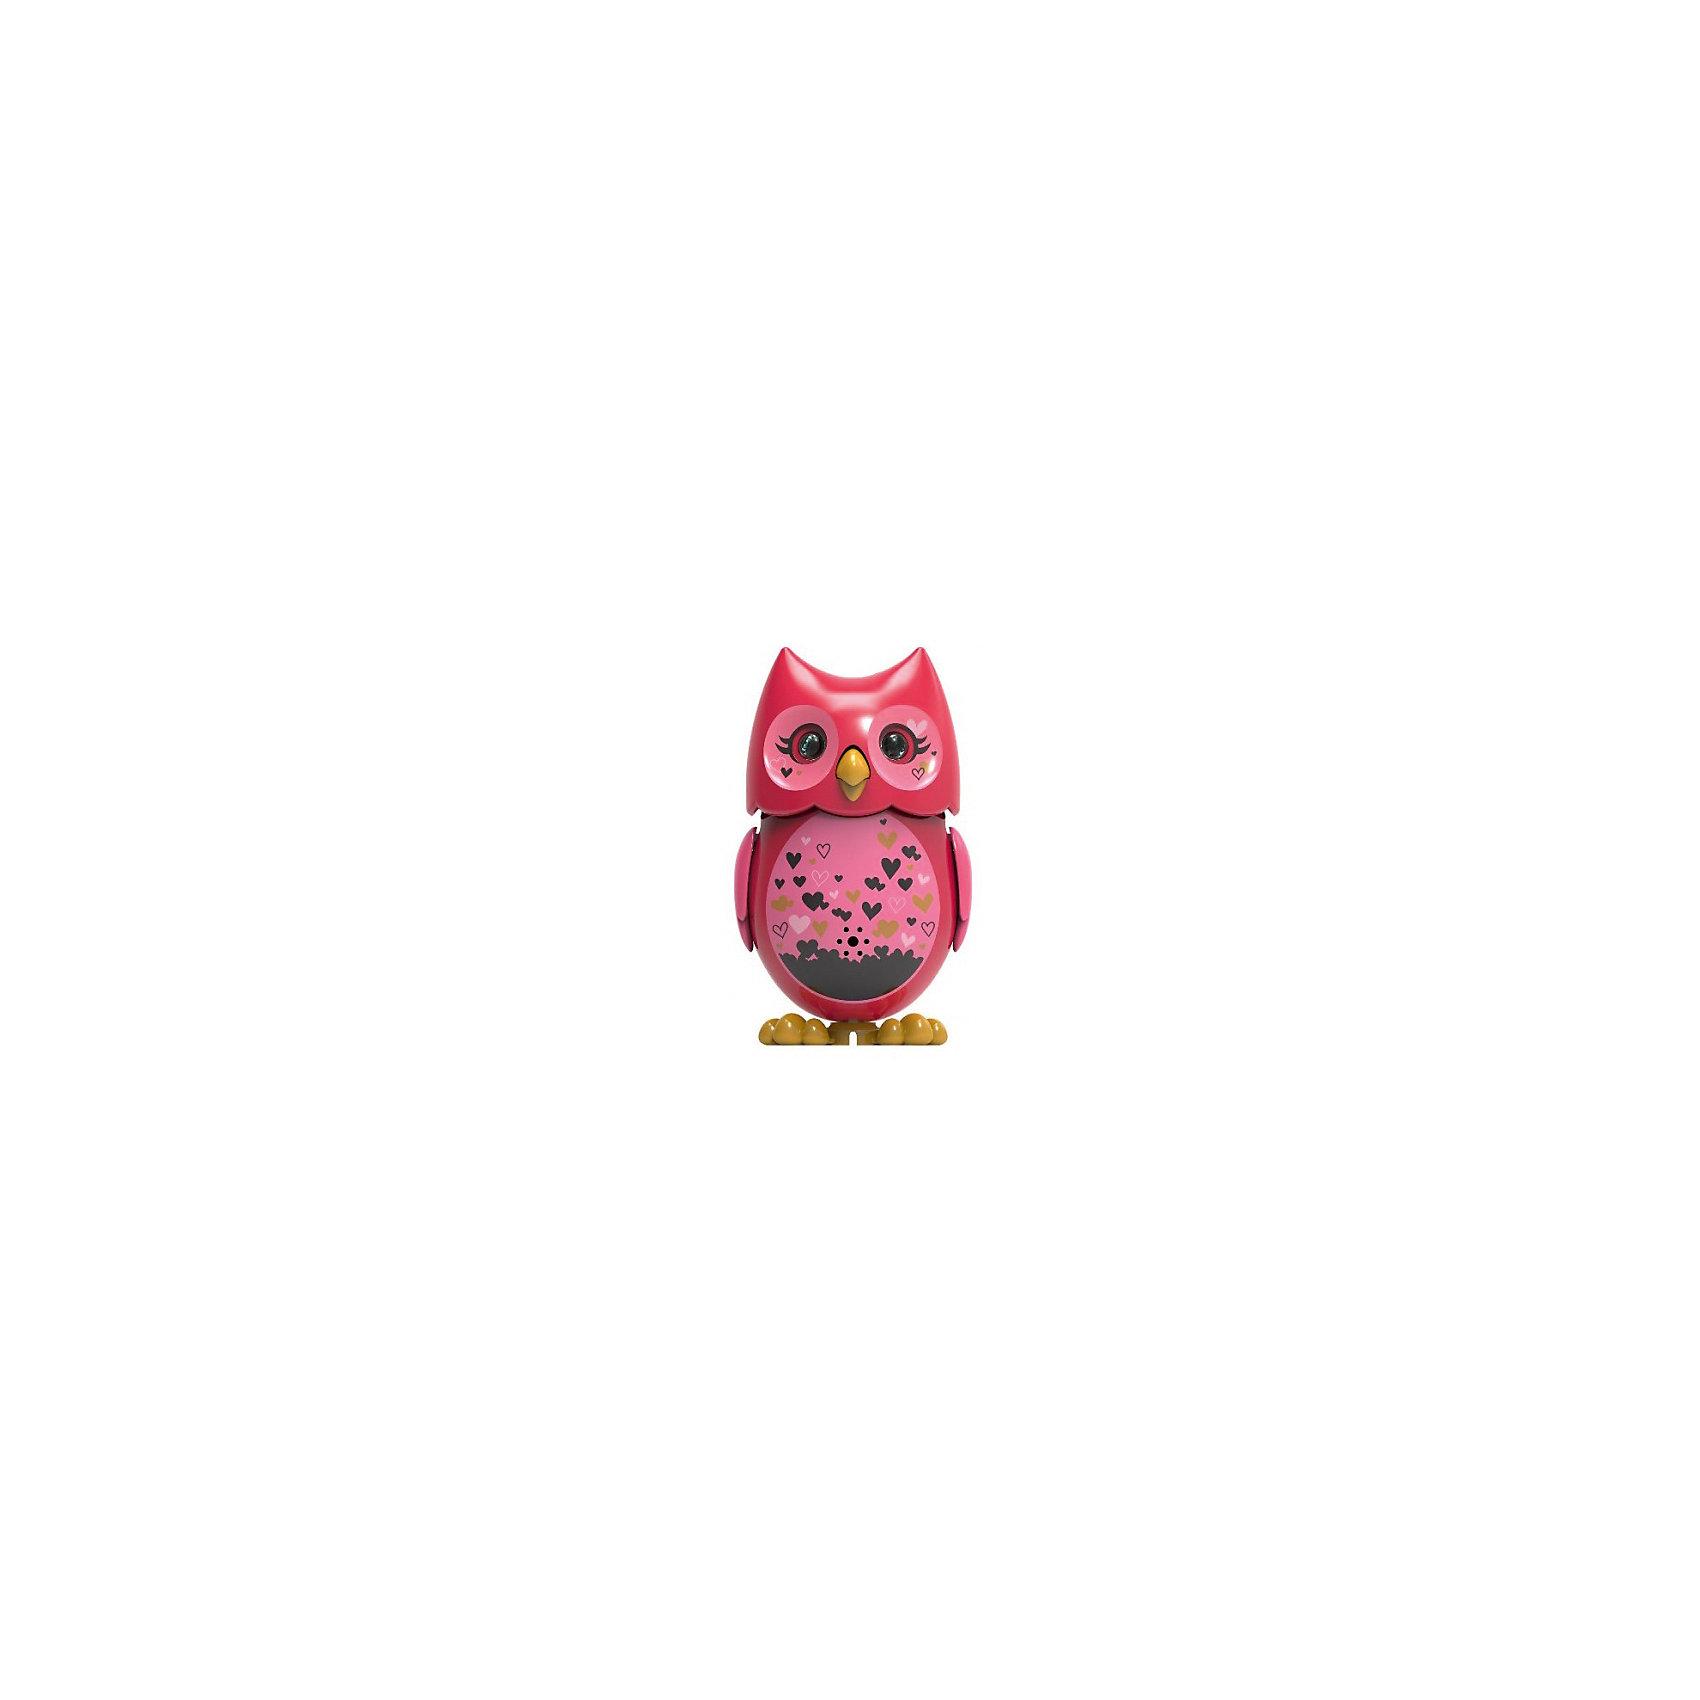 Поющая сова с кольцом, красная, DigiBirdsРобокар Поли<br>Поющая сова с кольцом, красная, DigiBirds, Silverlit (Сильверлит) ? интерактивная птичка от мирового производителя детских товаров Silverlit (Сильверлит). Сова оснащена световыми и звуковыми эффектами. Ее творческий репертуар состоит из 55 песенок, которые исполняются как в сольном виде, так и в хоровом. Имея столь разнообразный репертуар, эта игрушка вряд ли быстро наскучит вашему ребенку. Активируется сова тремя способами: на нее достаточно подуть или посвистеть в свисток, который идет в комплекте, или резко взмахнуть по воздуху, держа птичку в руке. Кроме того, сова умеет танцевать: в такт музыке машет крыльями, раскрывает клюв и поворачивает головой. Кроме того, пение сопровождается свечением больших очаровательных глаз.<br>Поющая сова с кольцом, красная, DigiBirds, Silverlit (Сильверлит) ? совершенно уникальная игрушка, которая не только развлекает вашего ребенка, но и занимается его музыкальным развитием. В первую очередь, она способствует формированию музыкального слуха и памяти. Простые действия: подуть в свисток, подуть на сову ? простые, но очень эффективные упражнения, которые направлены на развитие речевого аппарата.<br>Поющая сова с кольцом, красная, DigiBirds, Silverlit (Сильверлит) ? это миниатюрный музыкальный центр для вашего ребенка.<br><br>Дополнительная информация:<br><br>- Вид игр: сюжетно-ролевые игры <br>- Предназначение: для дома<br>- Батарейки: 3 шт. LR44<br>- Материал: высококачественный пластик<br>- Размер (ДхШхВ): 6,4*15,2*10,2 см<br>- Вес: 91 г<br>- Комплектация: сова, свисток-кольцо для птички, инструкция, батарейки<br>- Особенности ухода: протирать влажной губкой<br><br>ВНИМАНИЕ! Данный артикул имеется в наличии в разных цветовых исполнениях (сиреневый, красный, бирюзовый, белый, розовый, оранжевый). К сожалению, заранее выбрать определенный цвет невозможно. <br><br>Подробнее:<br><br>• Для детей в возрасте: от 3 лет и до 7 лет <br>• Страна производитель: Китай<br>• Торговый бренд